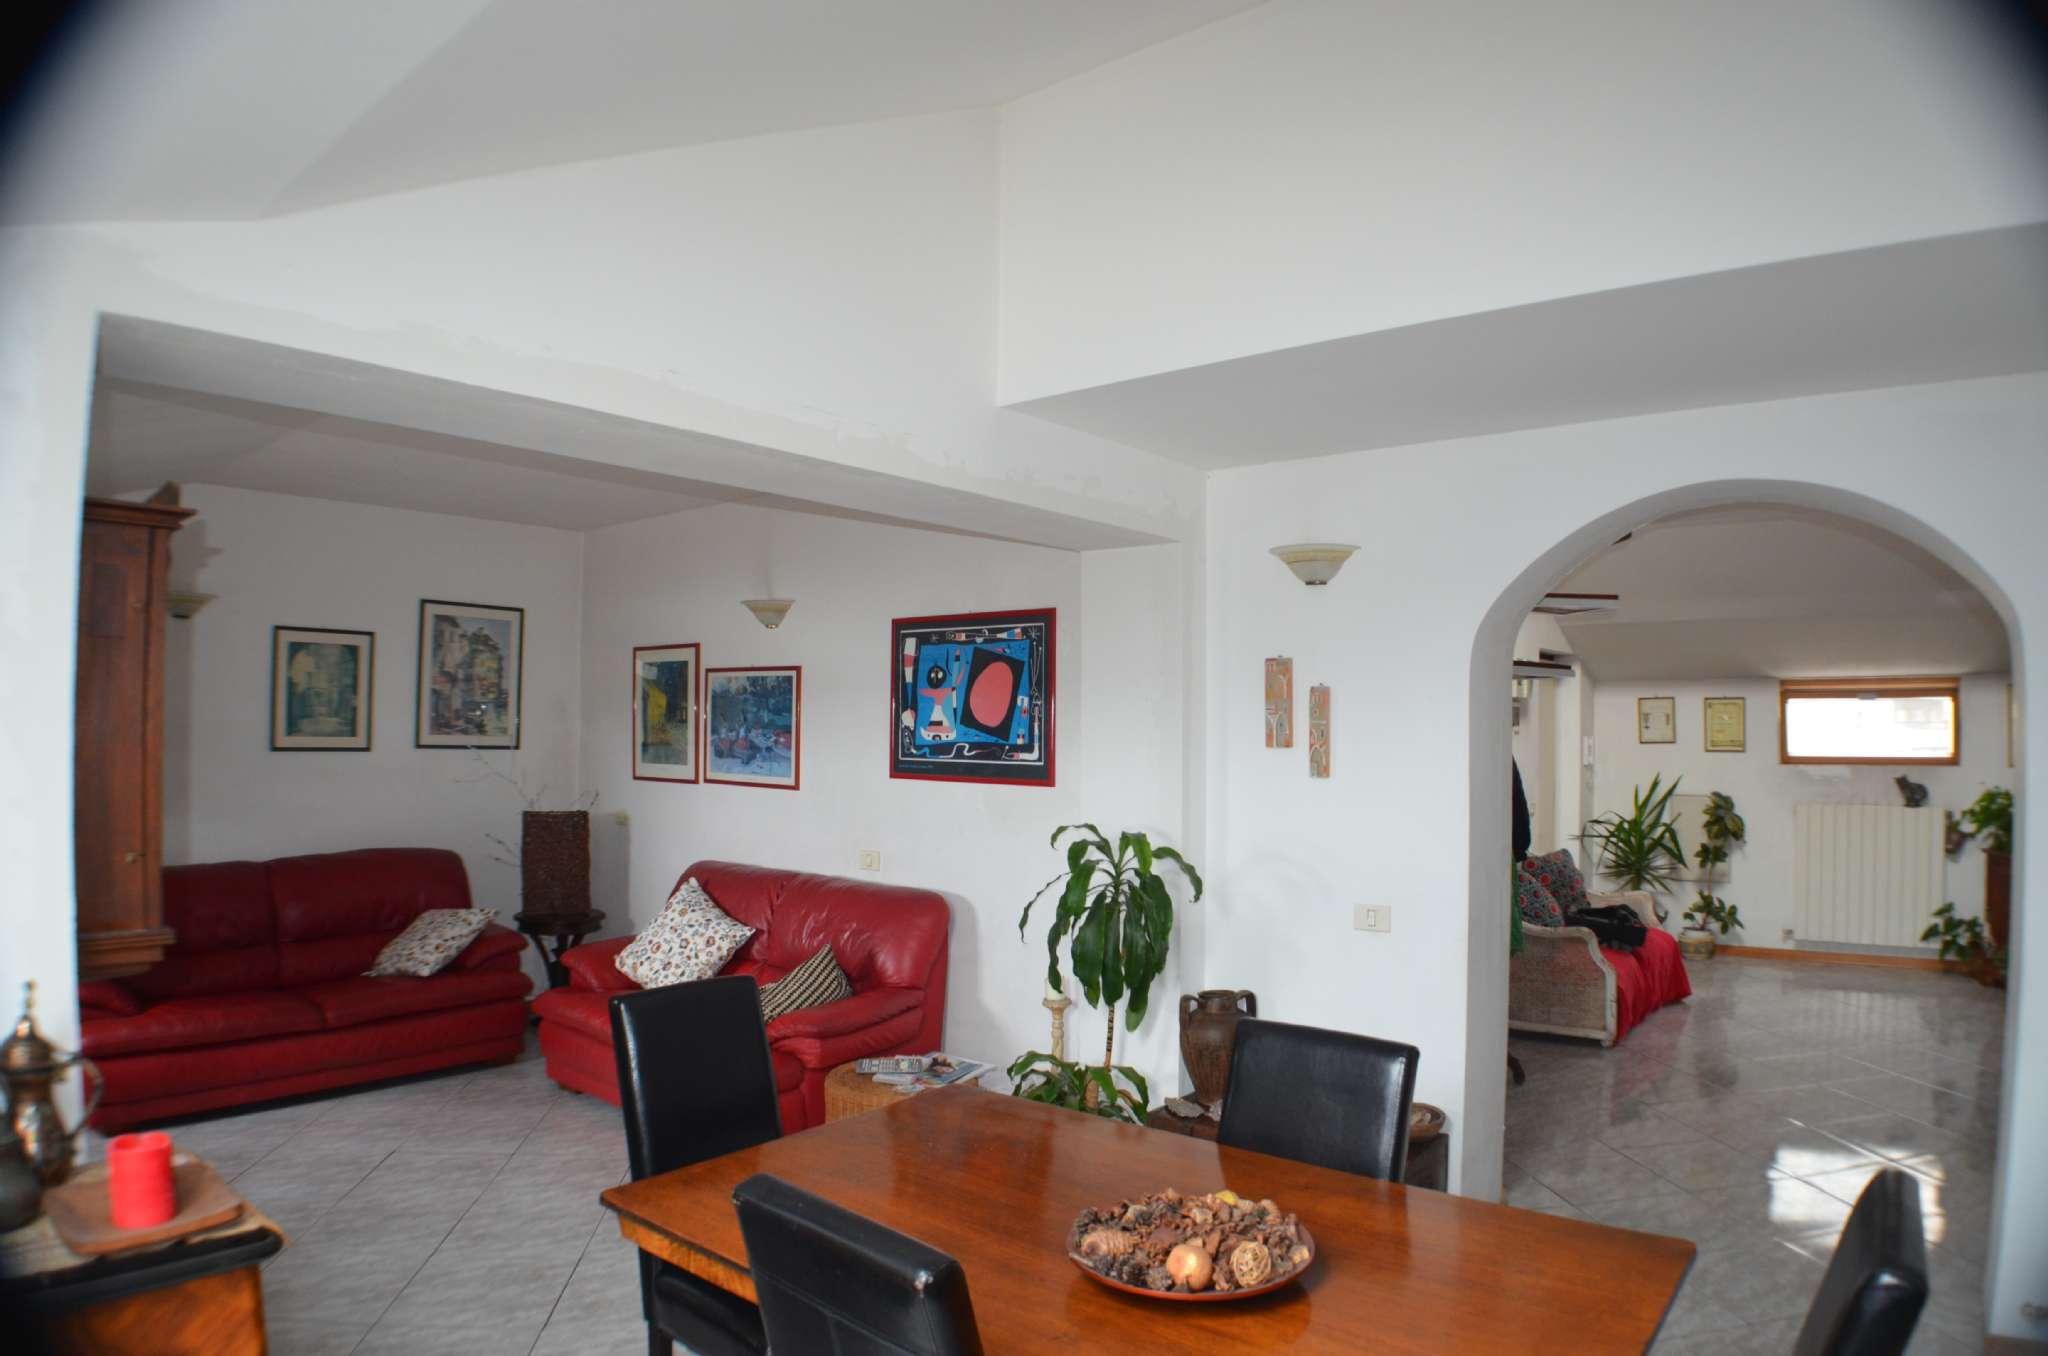 Foto 1 di Appartamento via di Fassolo 5, Genova (zona Principe)